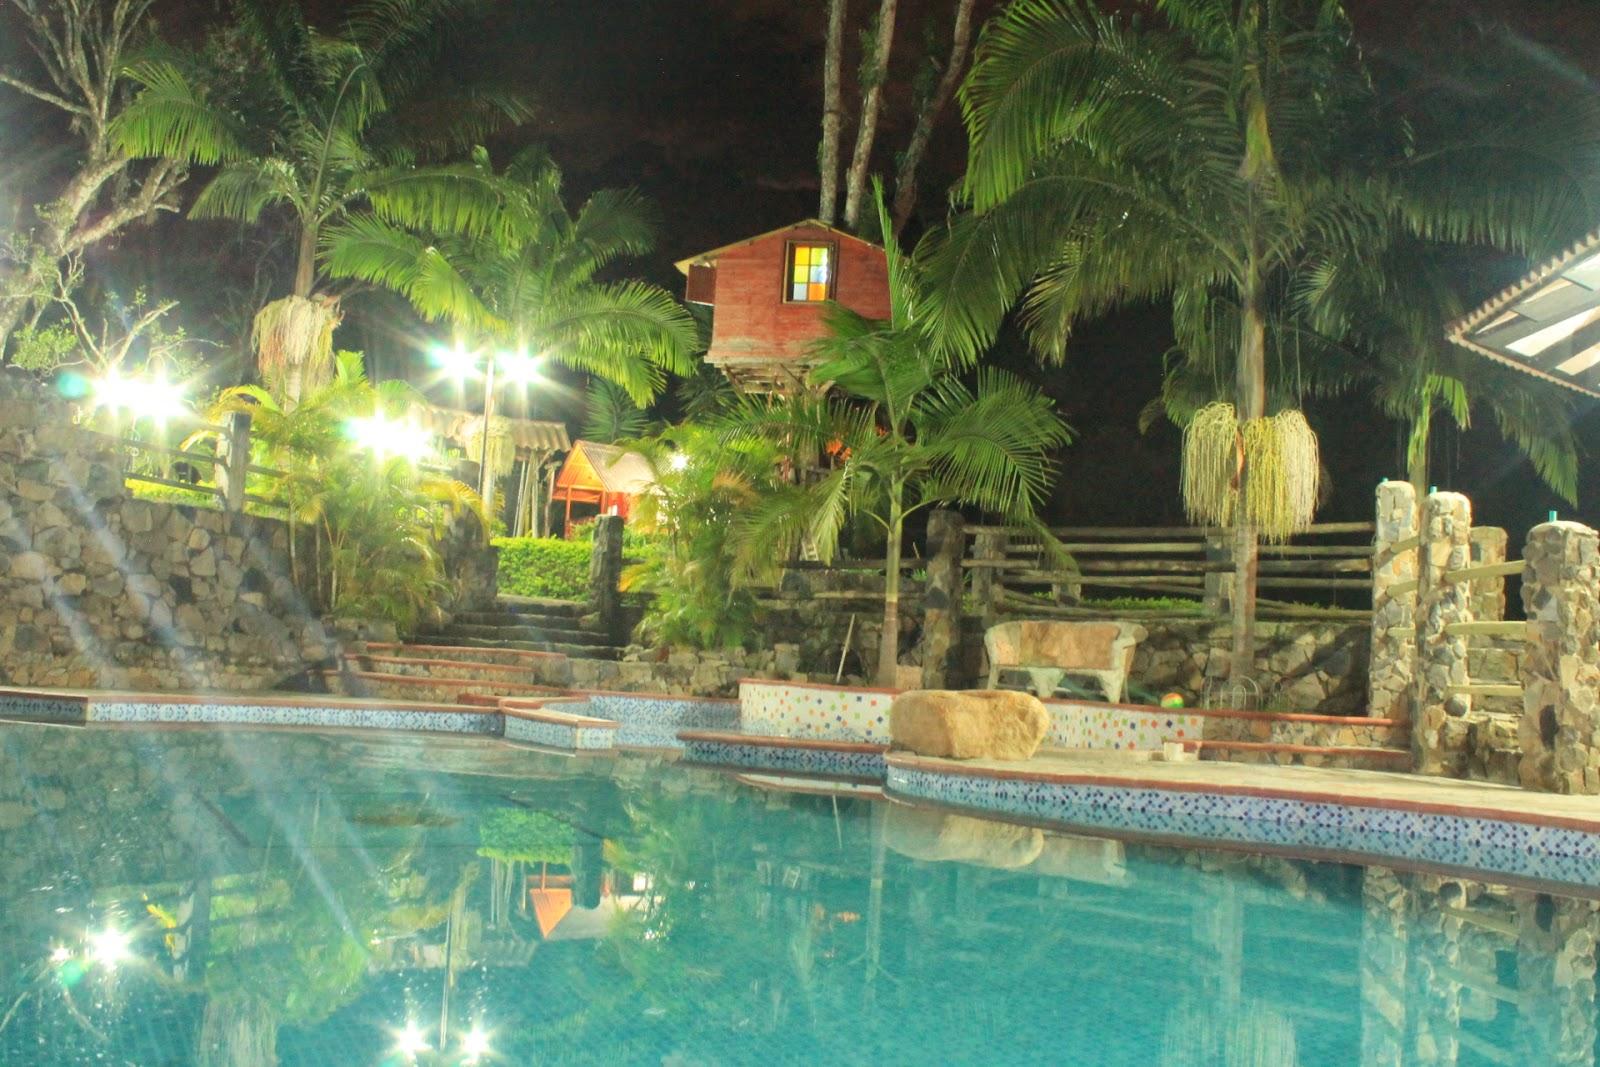 Relax nocturno la casa del arbol san francisco for La casa del azulejo san francisco